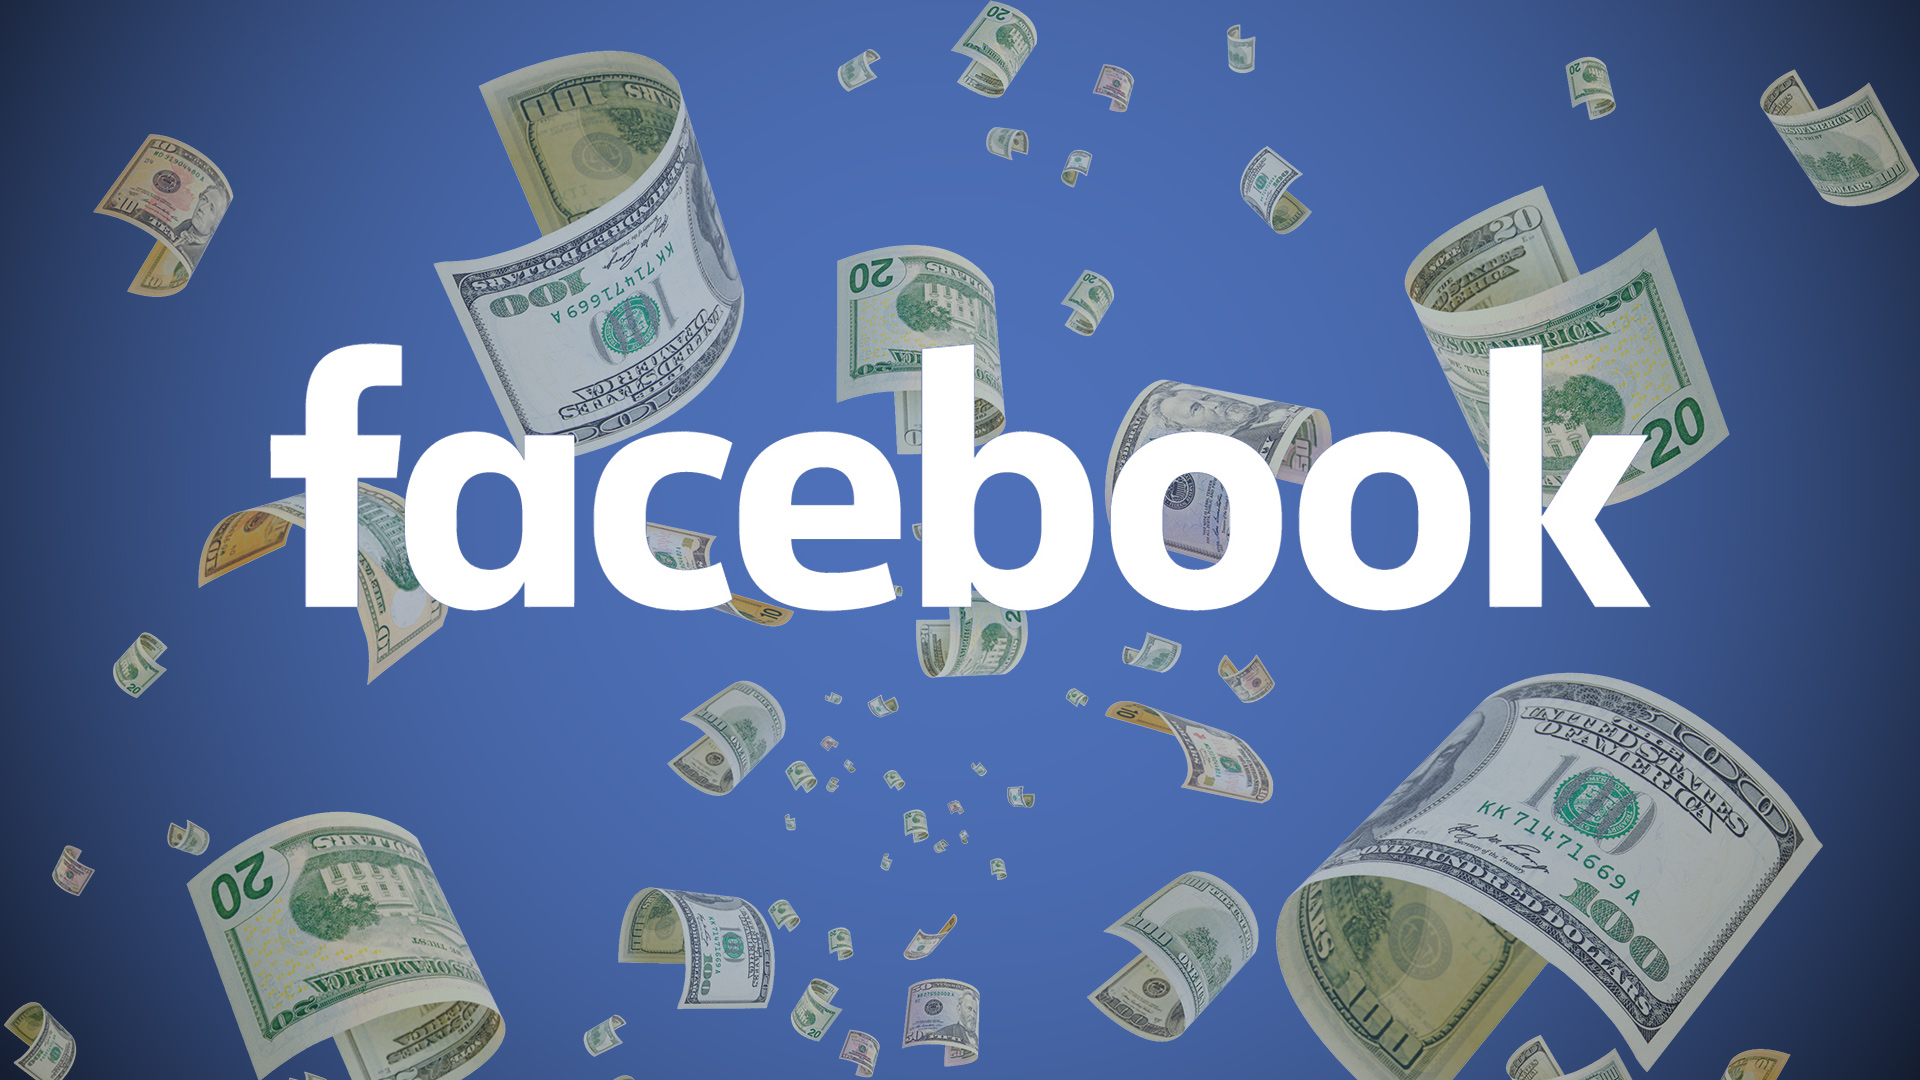 facebook-money-revenue-dollars3-ss-1920.jpg